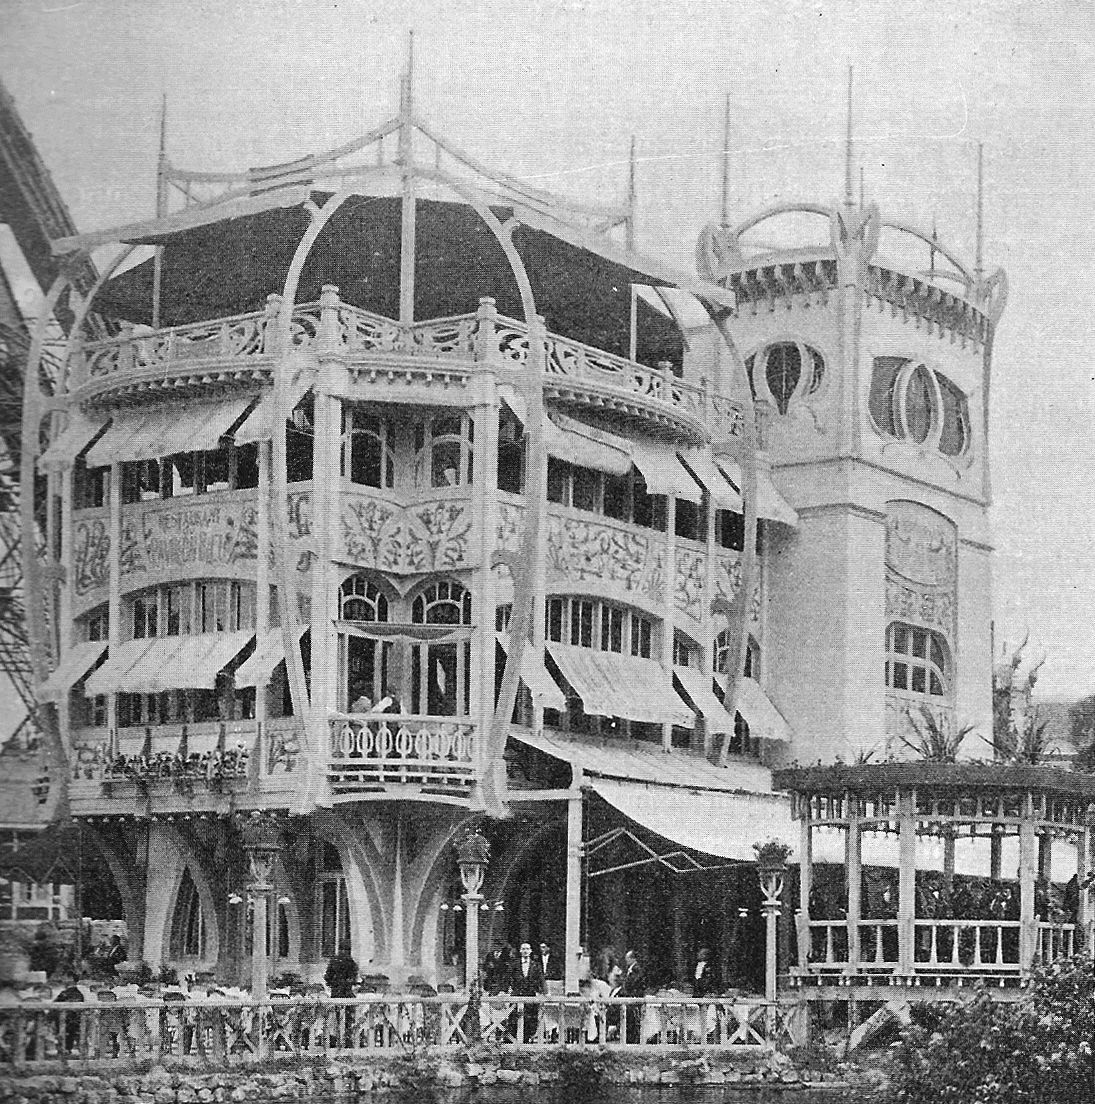 exposition universelle de paris 1900 sous la tour eiffel le pavillon bleu est la premi re. Black Bedroom Furniture Sets. Home Design Ideas